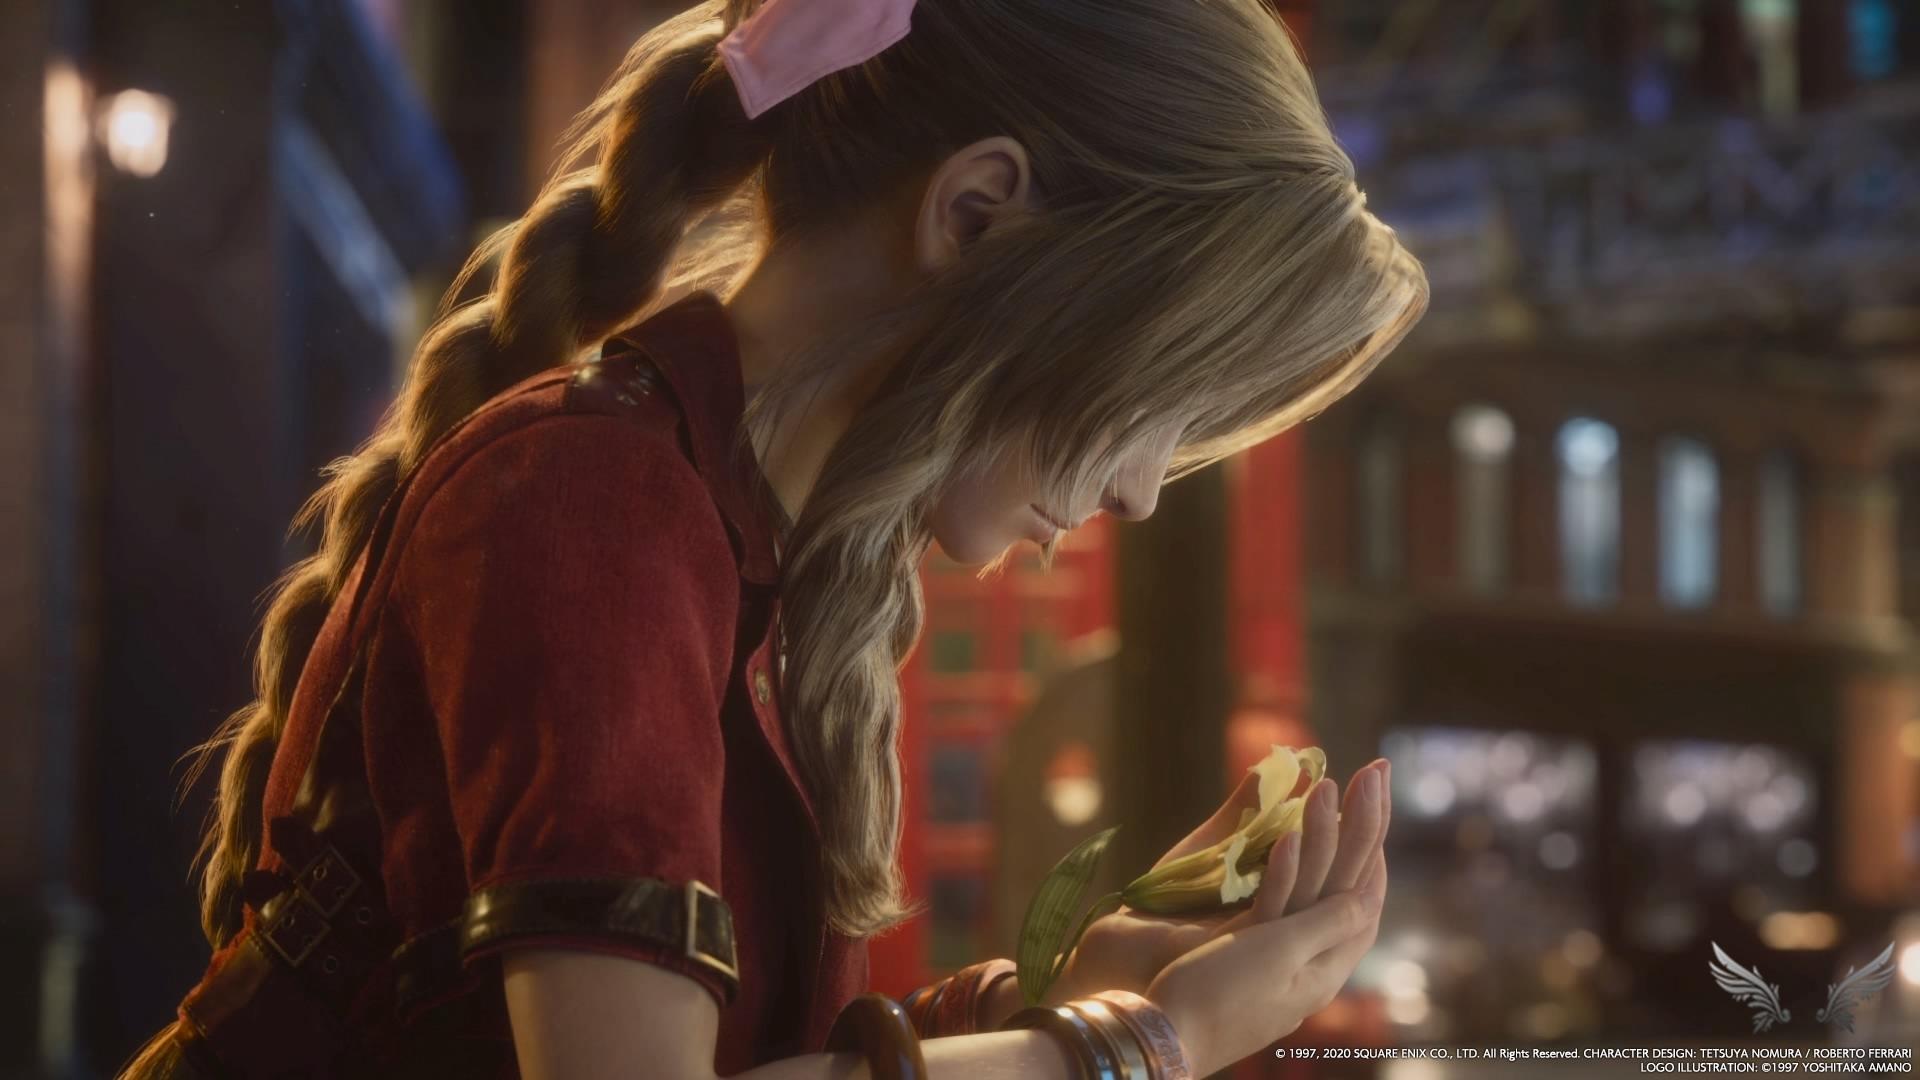 La consegna di Final Fantasy VII Remake potrebbe subire dei ritardi per l'emergenza coronavirus